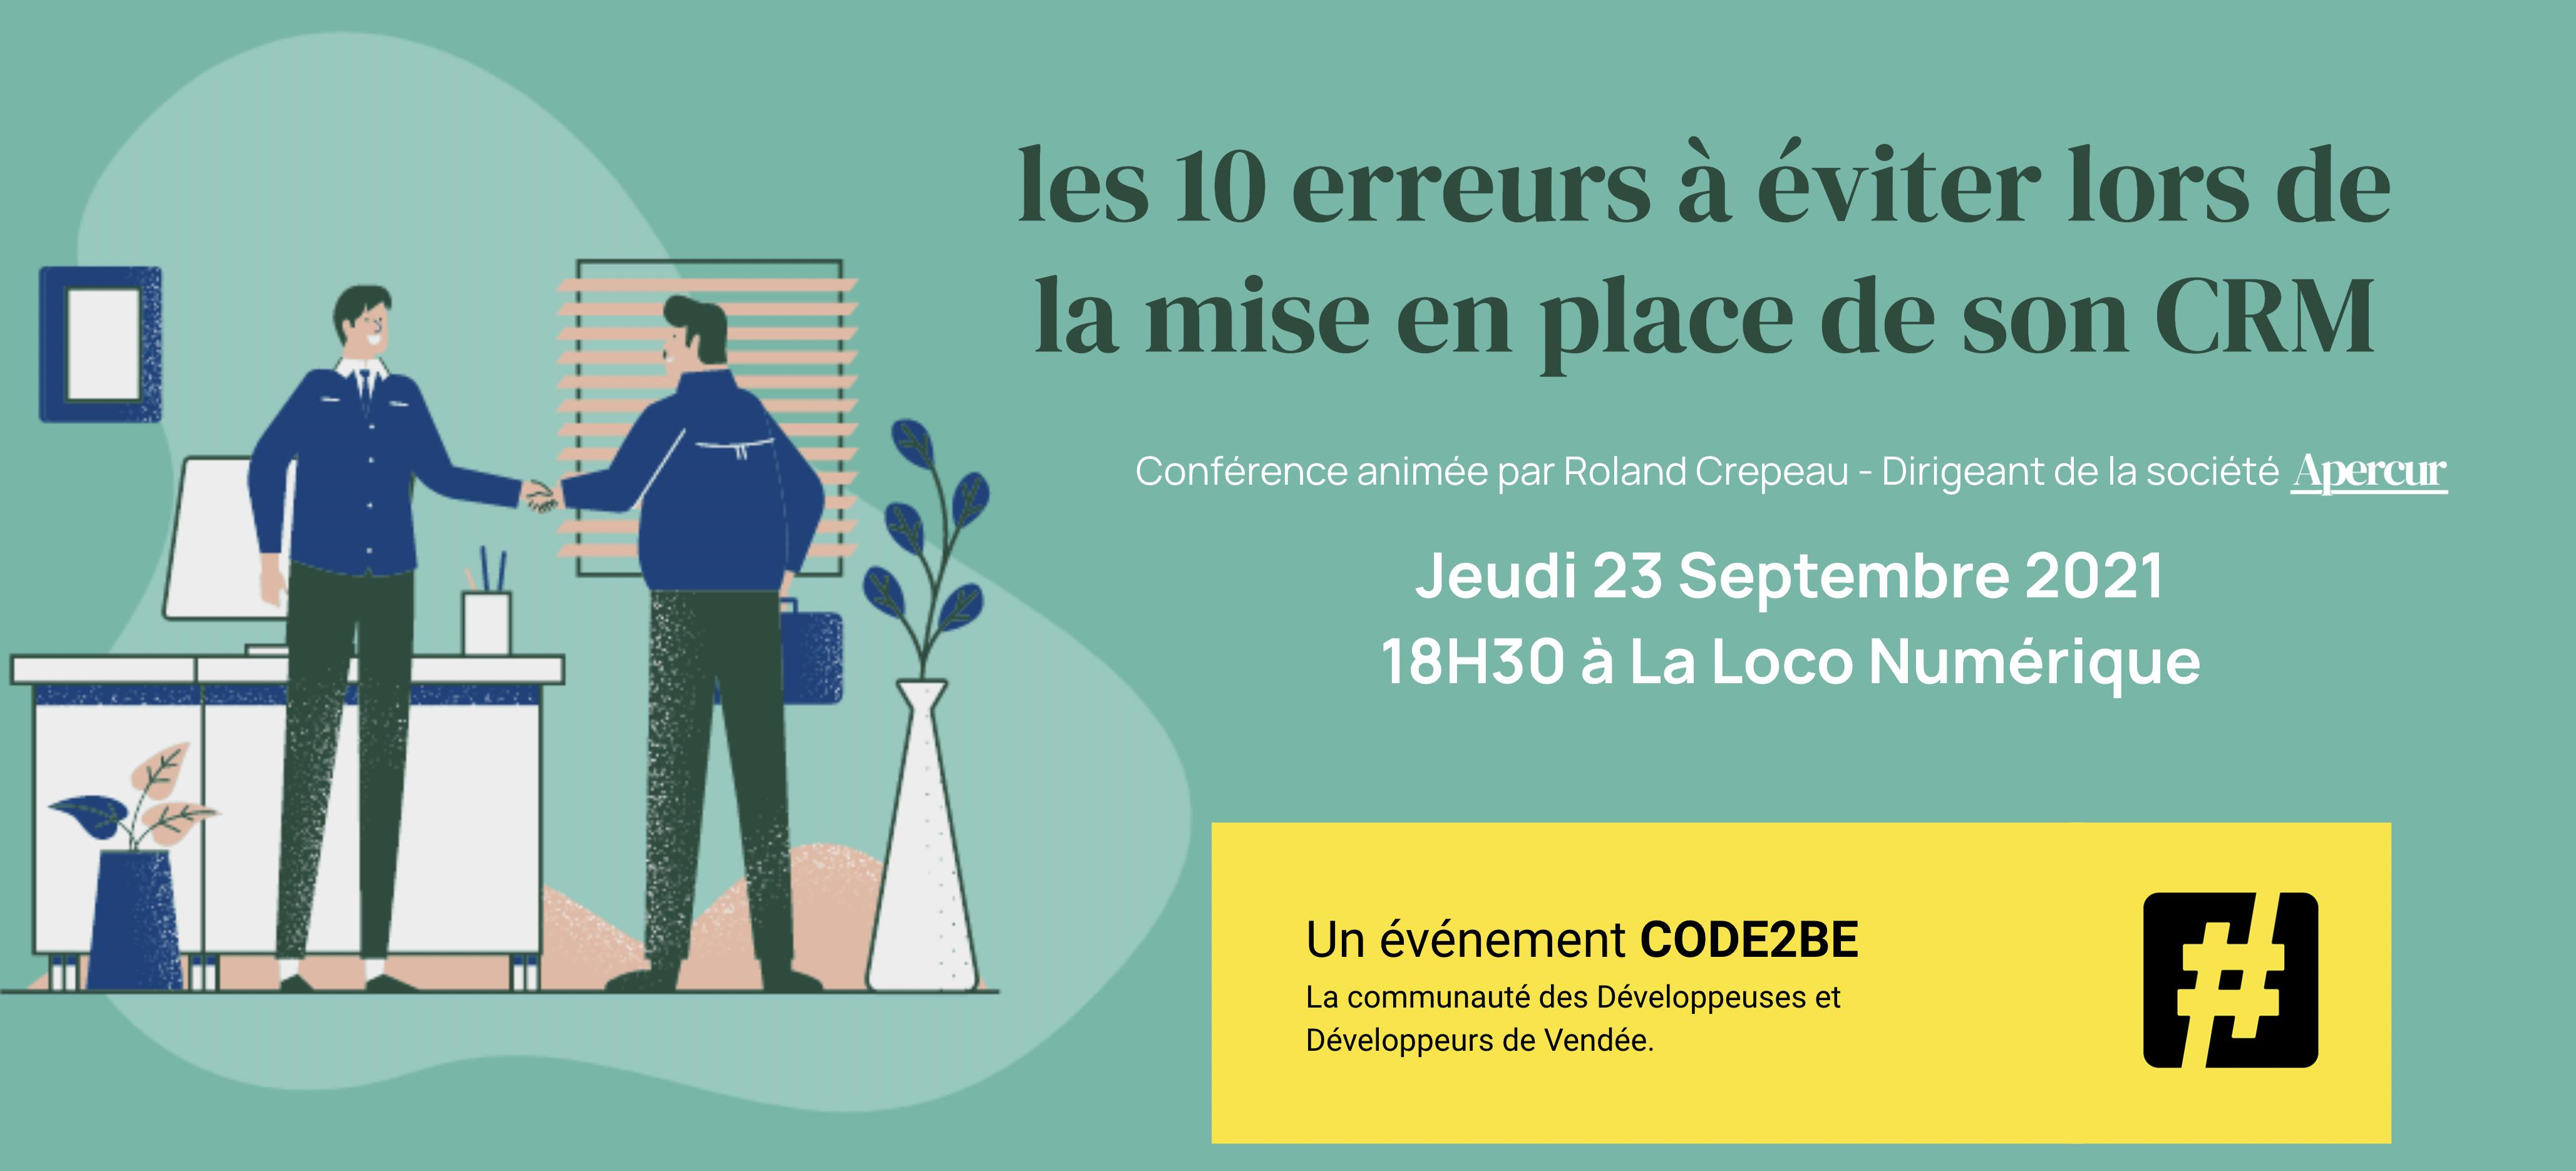 Apercur vous invite à la première masterclass gratuite sur le CRM en Vendée